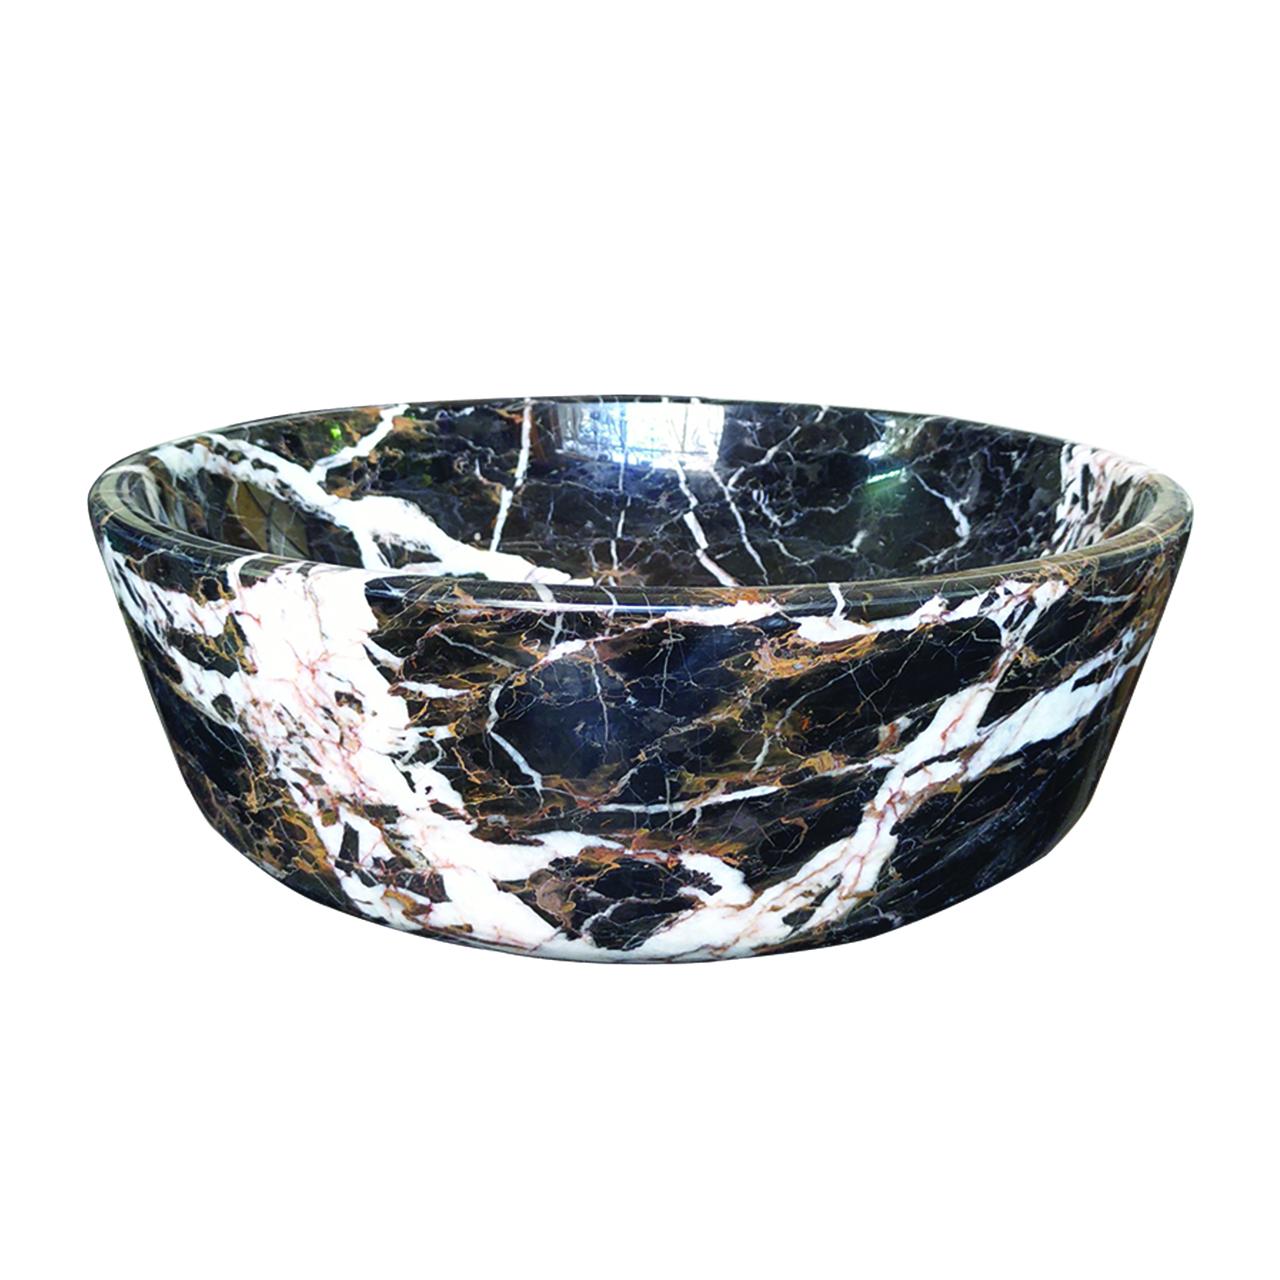 Lavabo đá tự nhiên tròn - LVB3